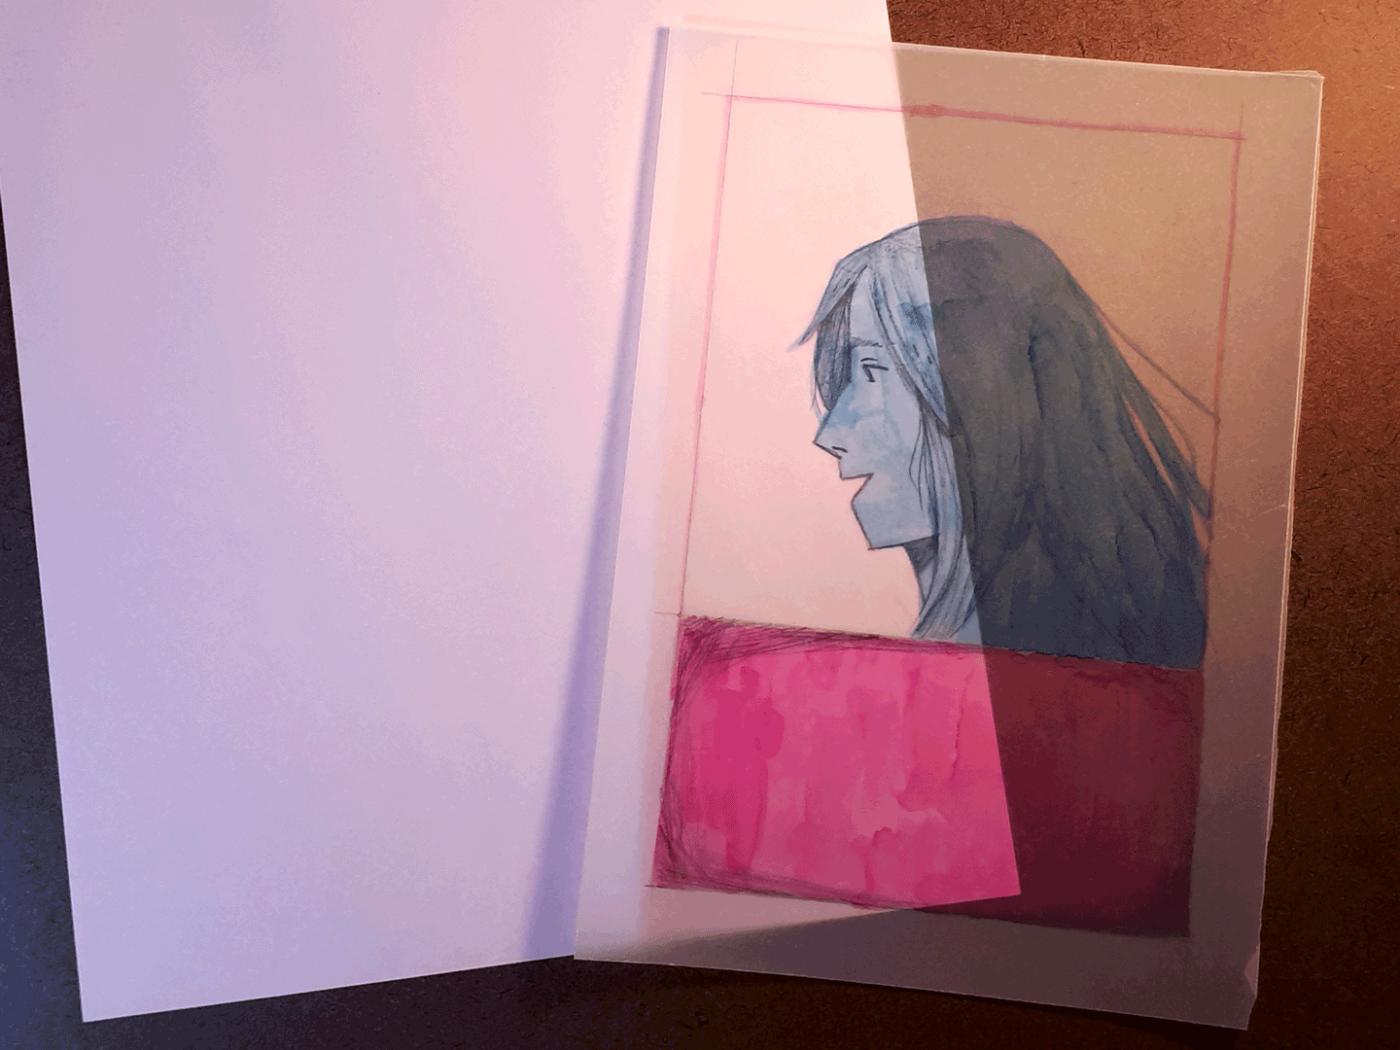 """Raquel Vitorelo e a produção de TILT: """"O hábito de reconhecer padrões quadrinísticos me fez ver um potencial narrativo em fotos do meu cérebro"""""""